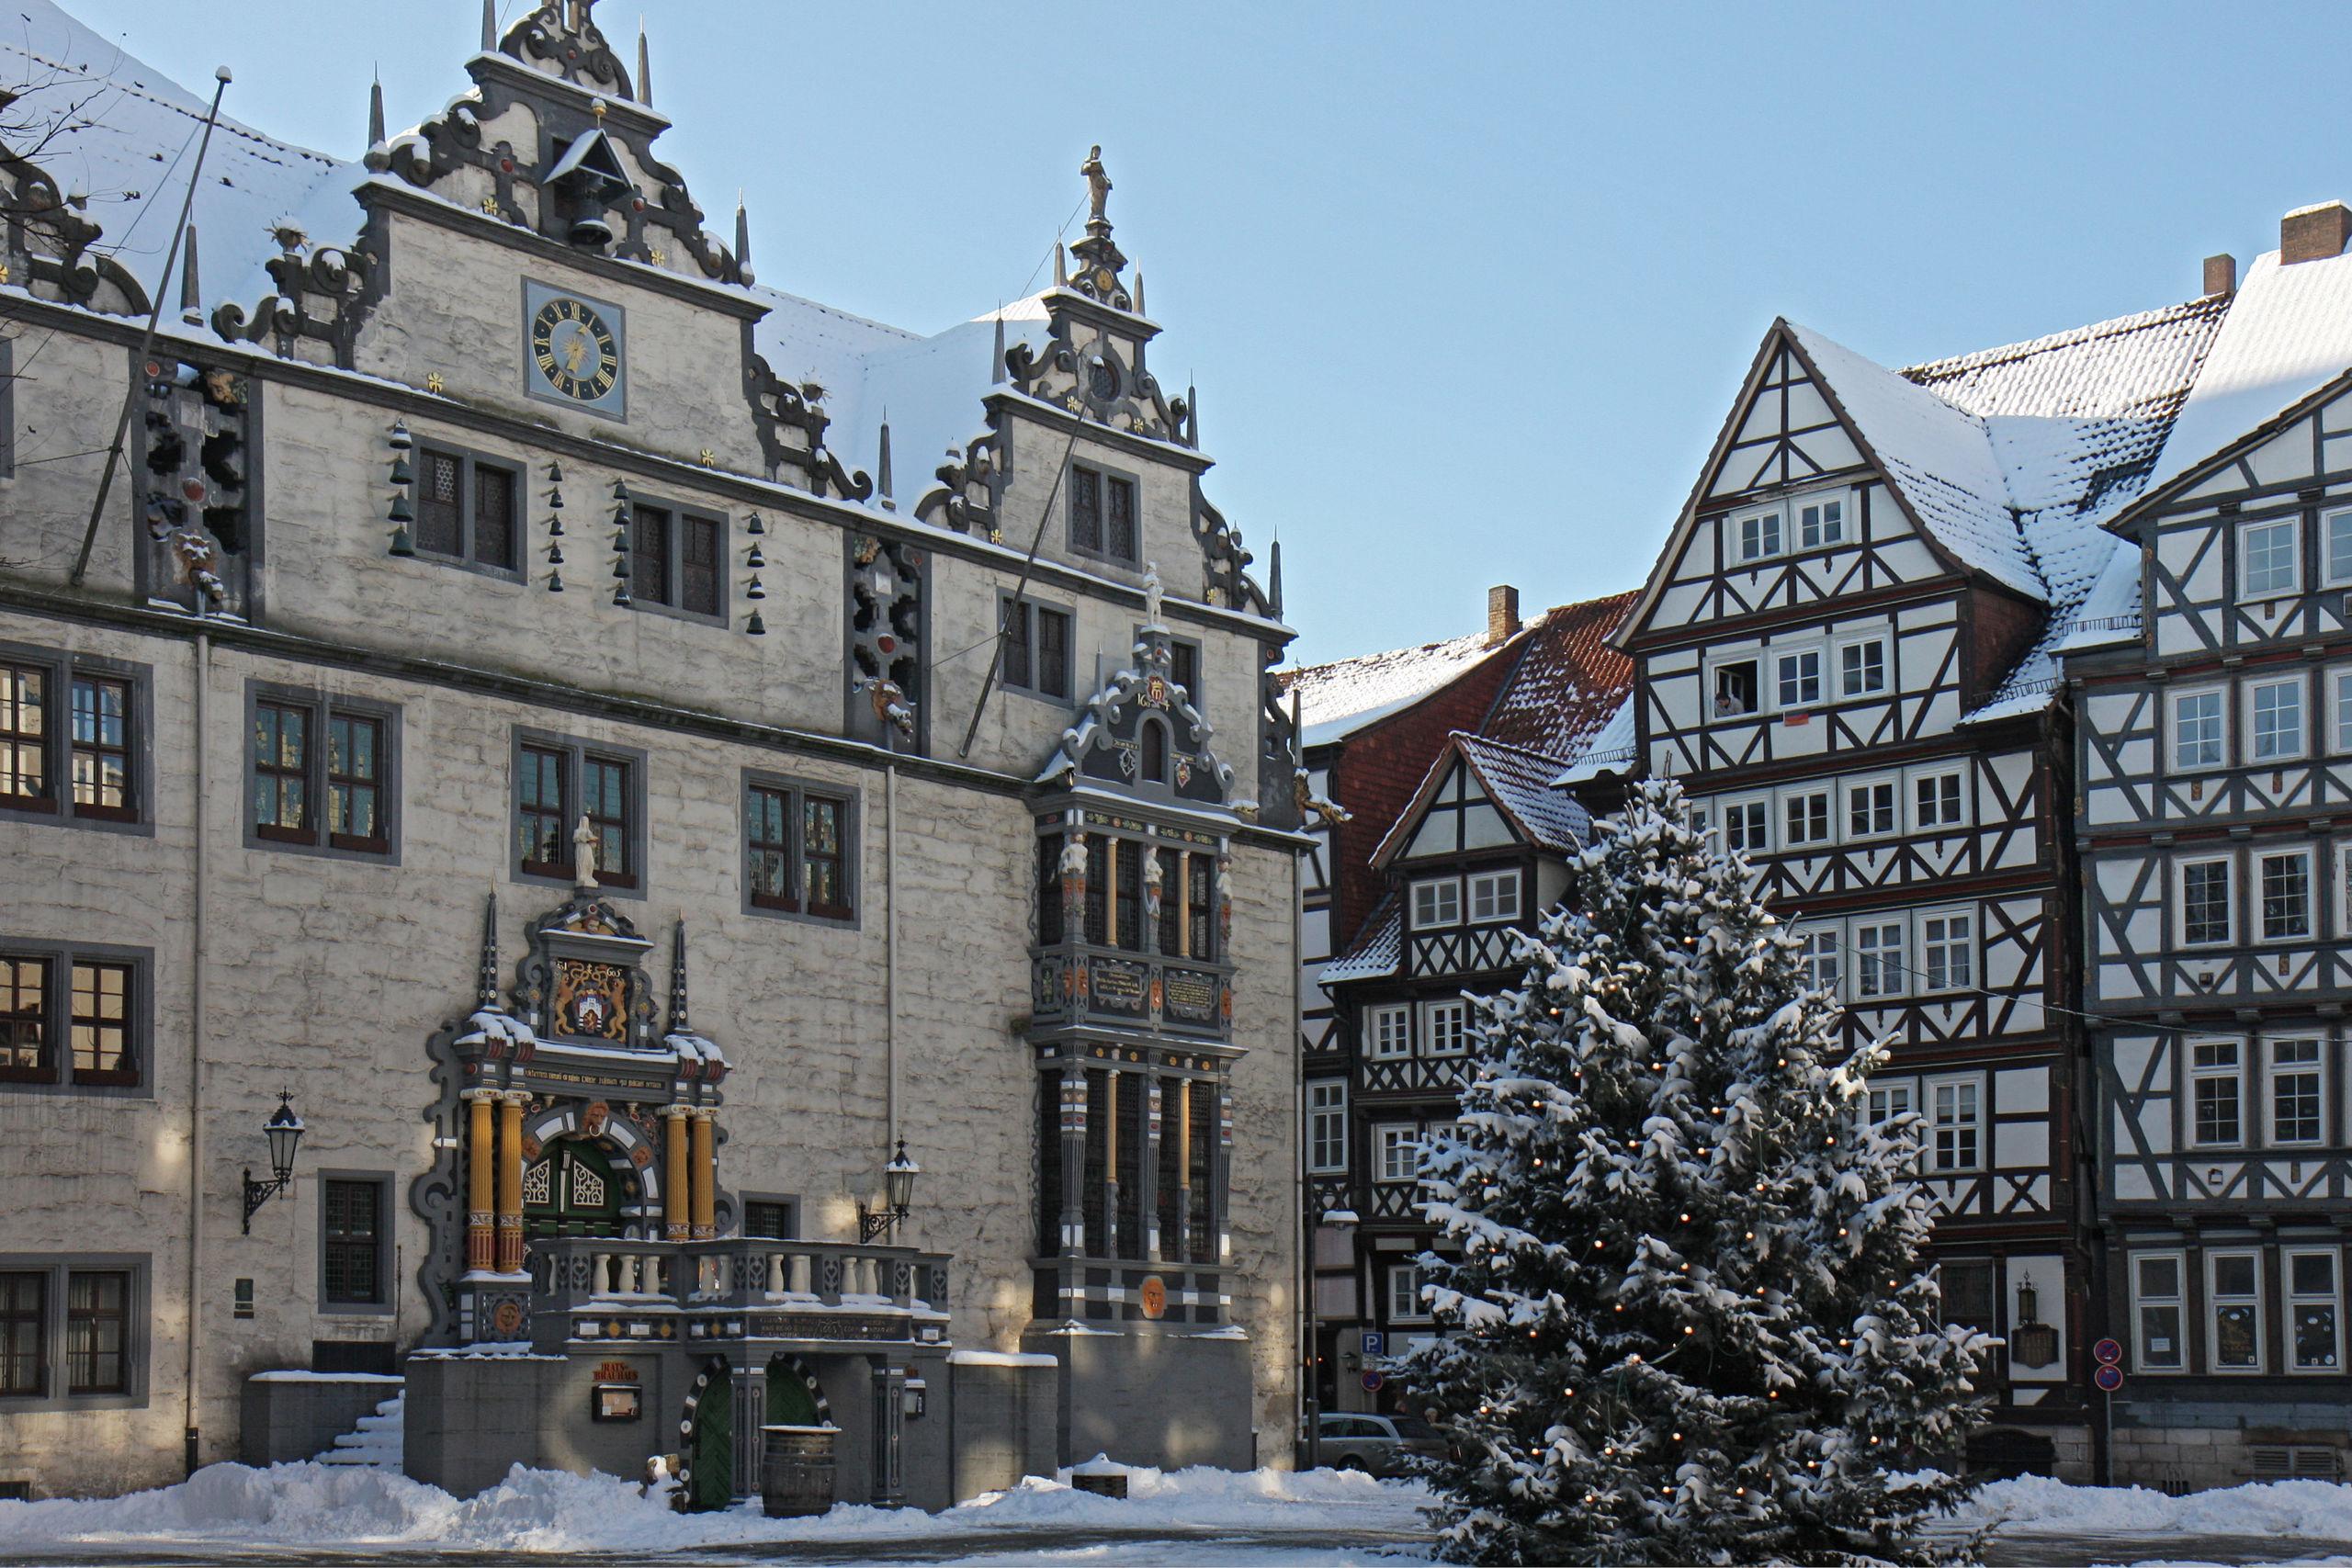 Rathaus Hann. Münden im Winter